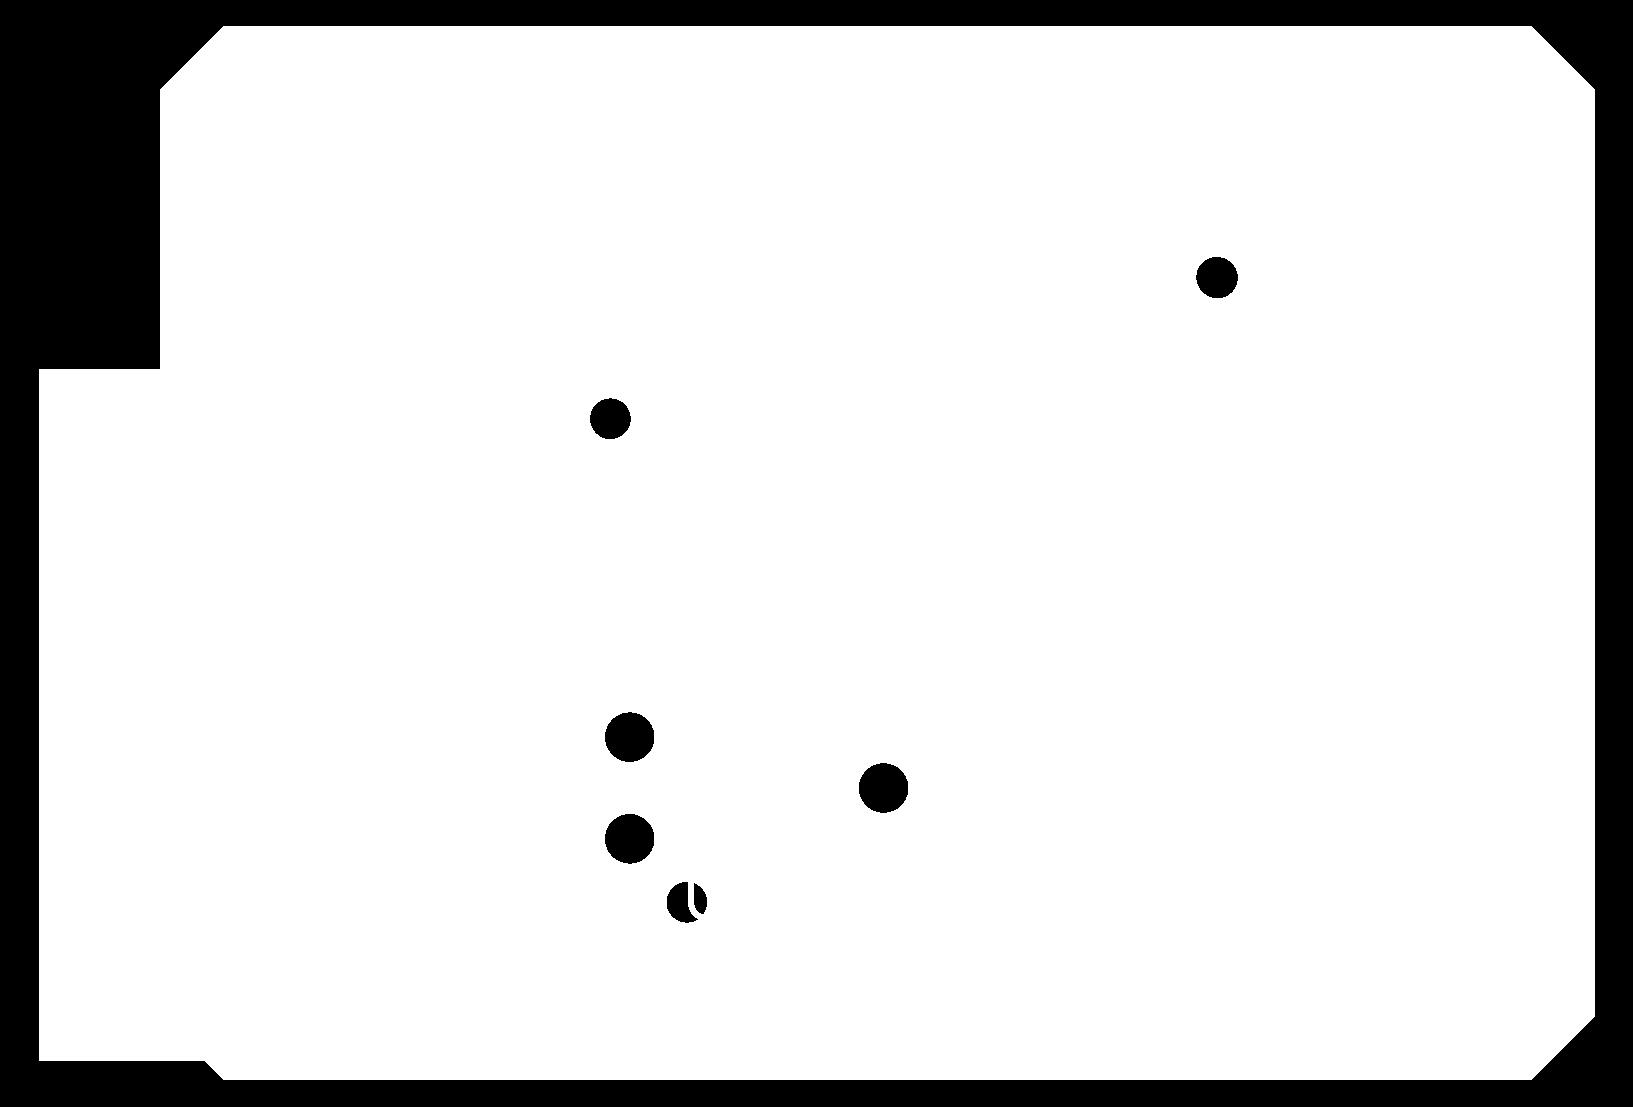 families/e5/8e5_hello_world_layout.png